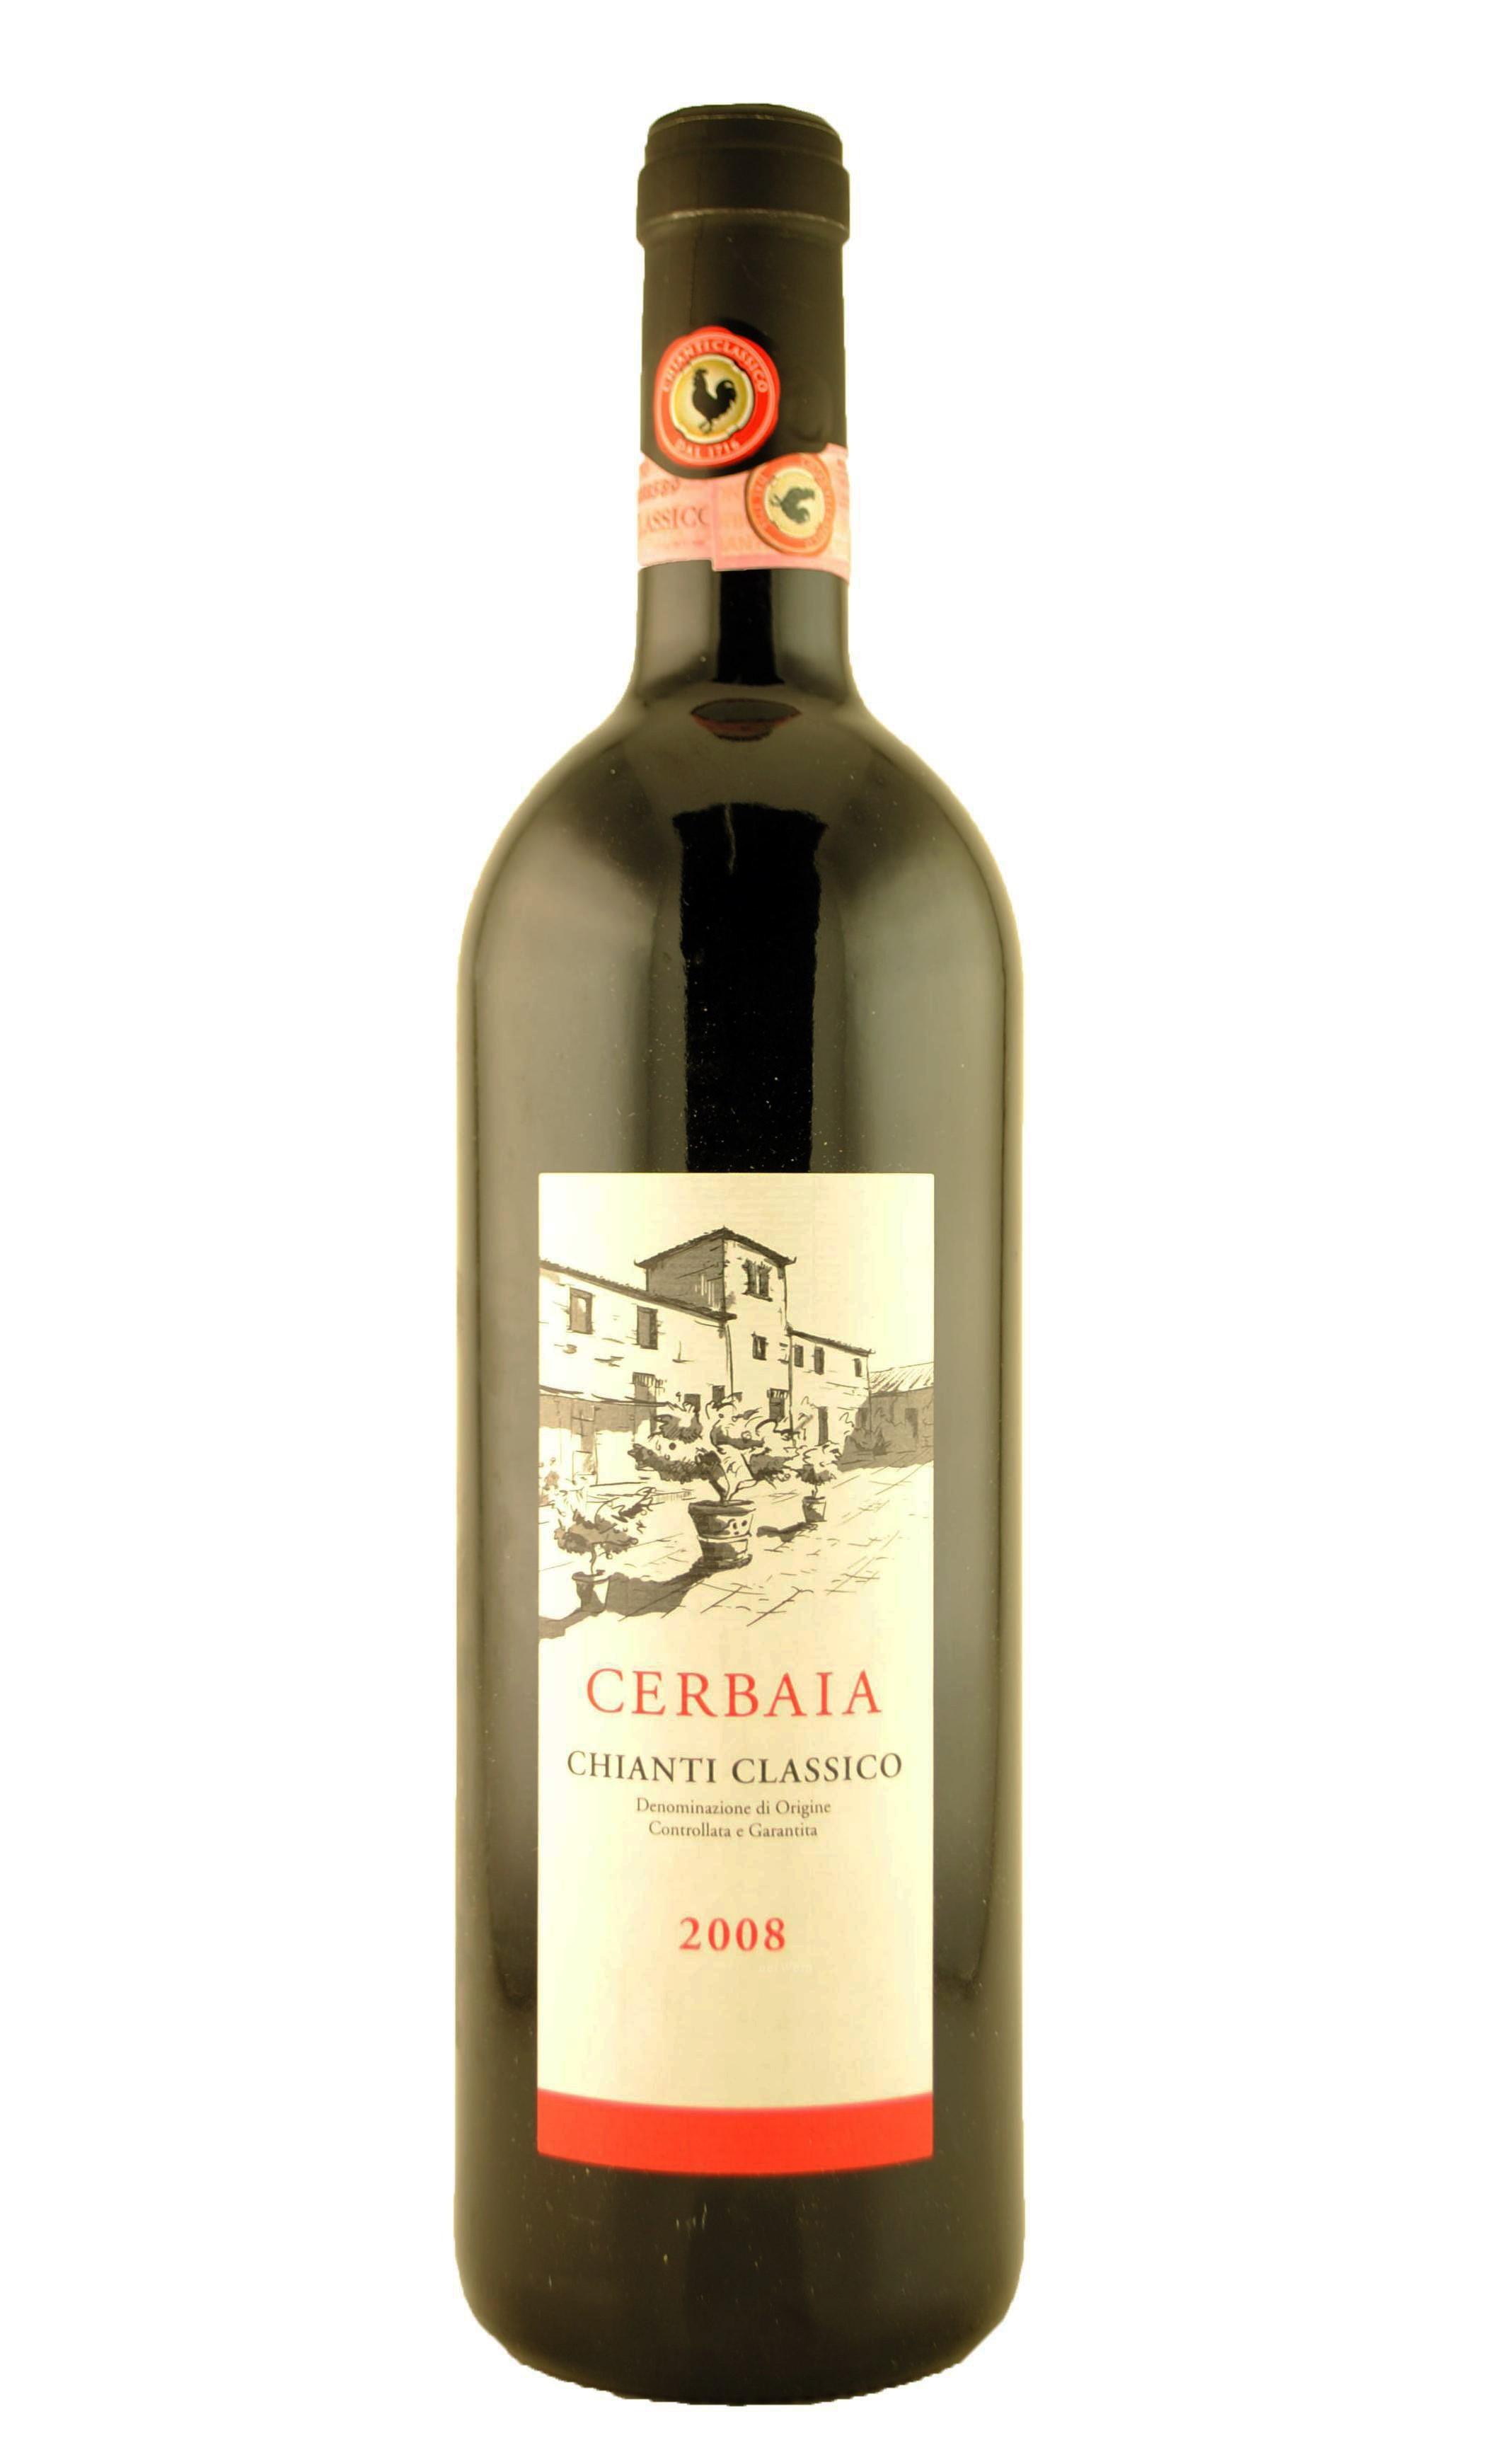 Chianti Classico - Fattoria Cerbaia, 2011